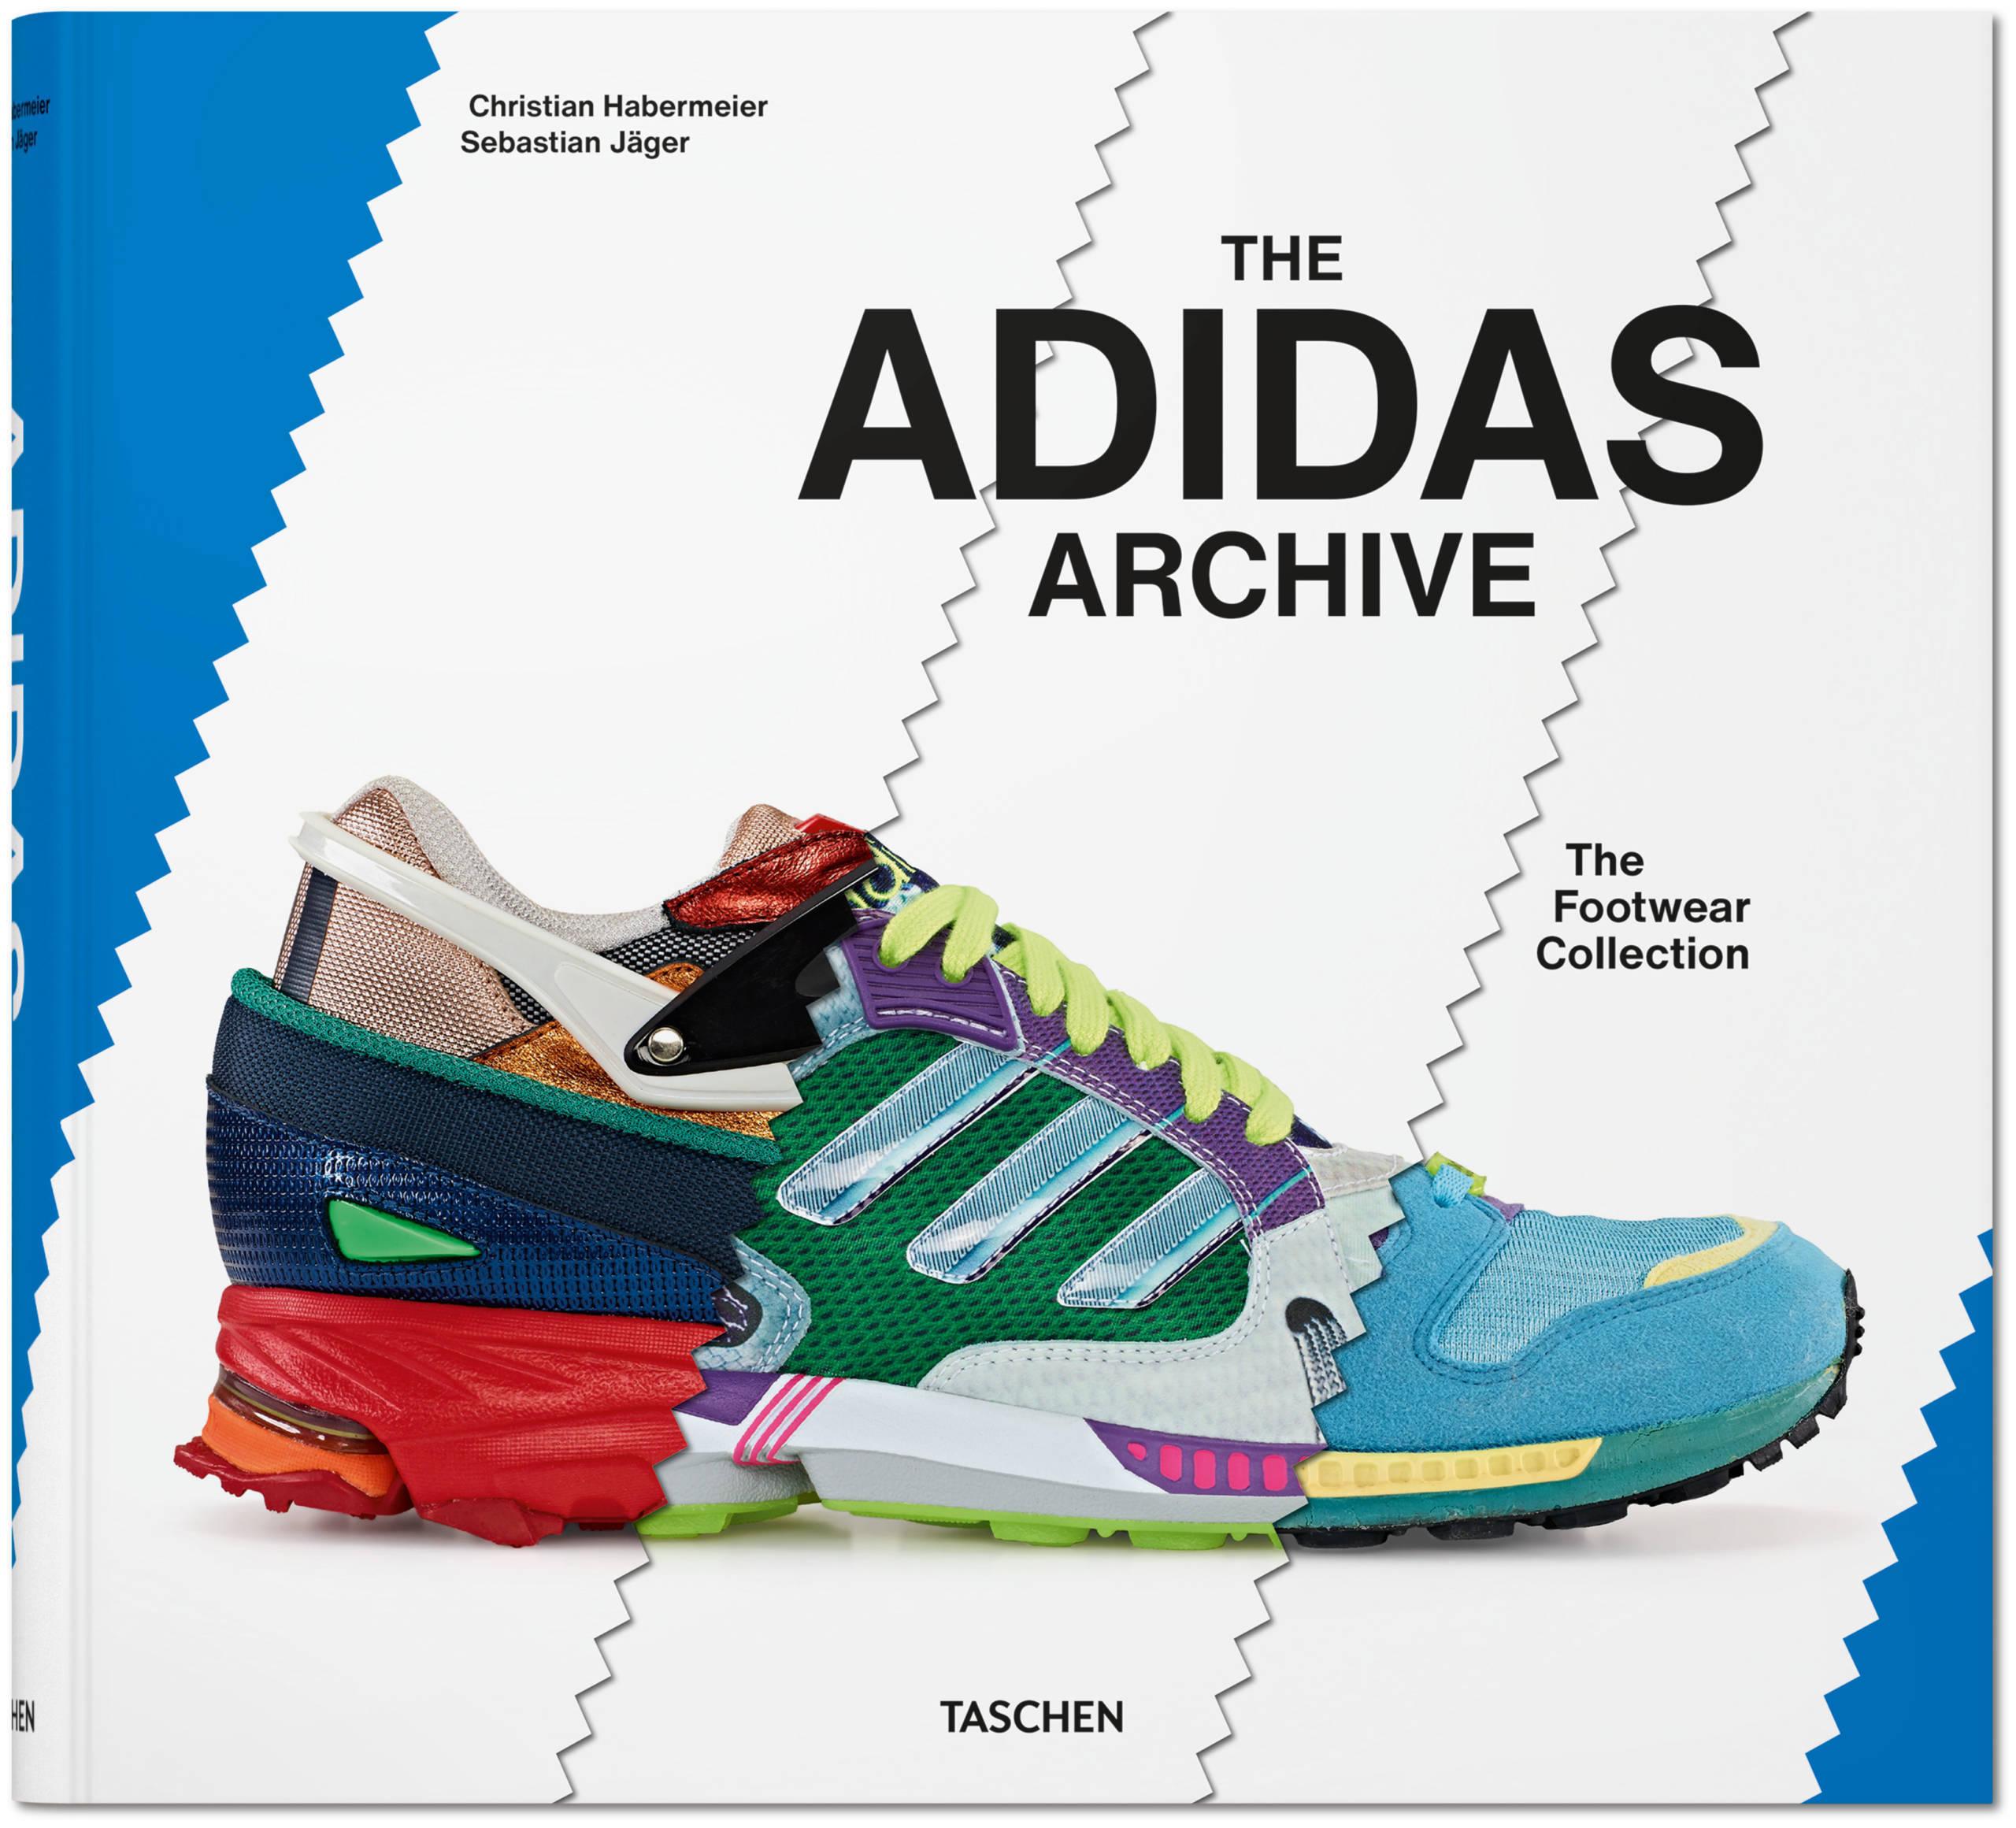 7 legendäre (und wertvolle) adidas Schuhe